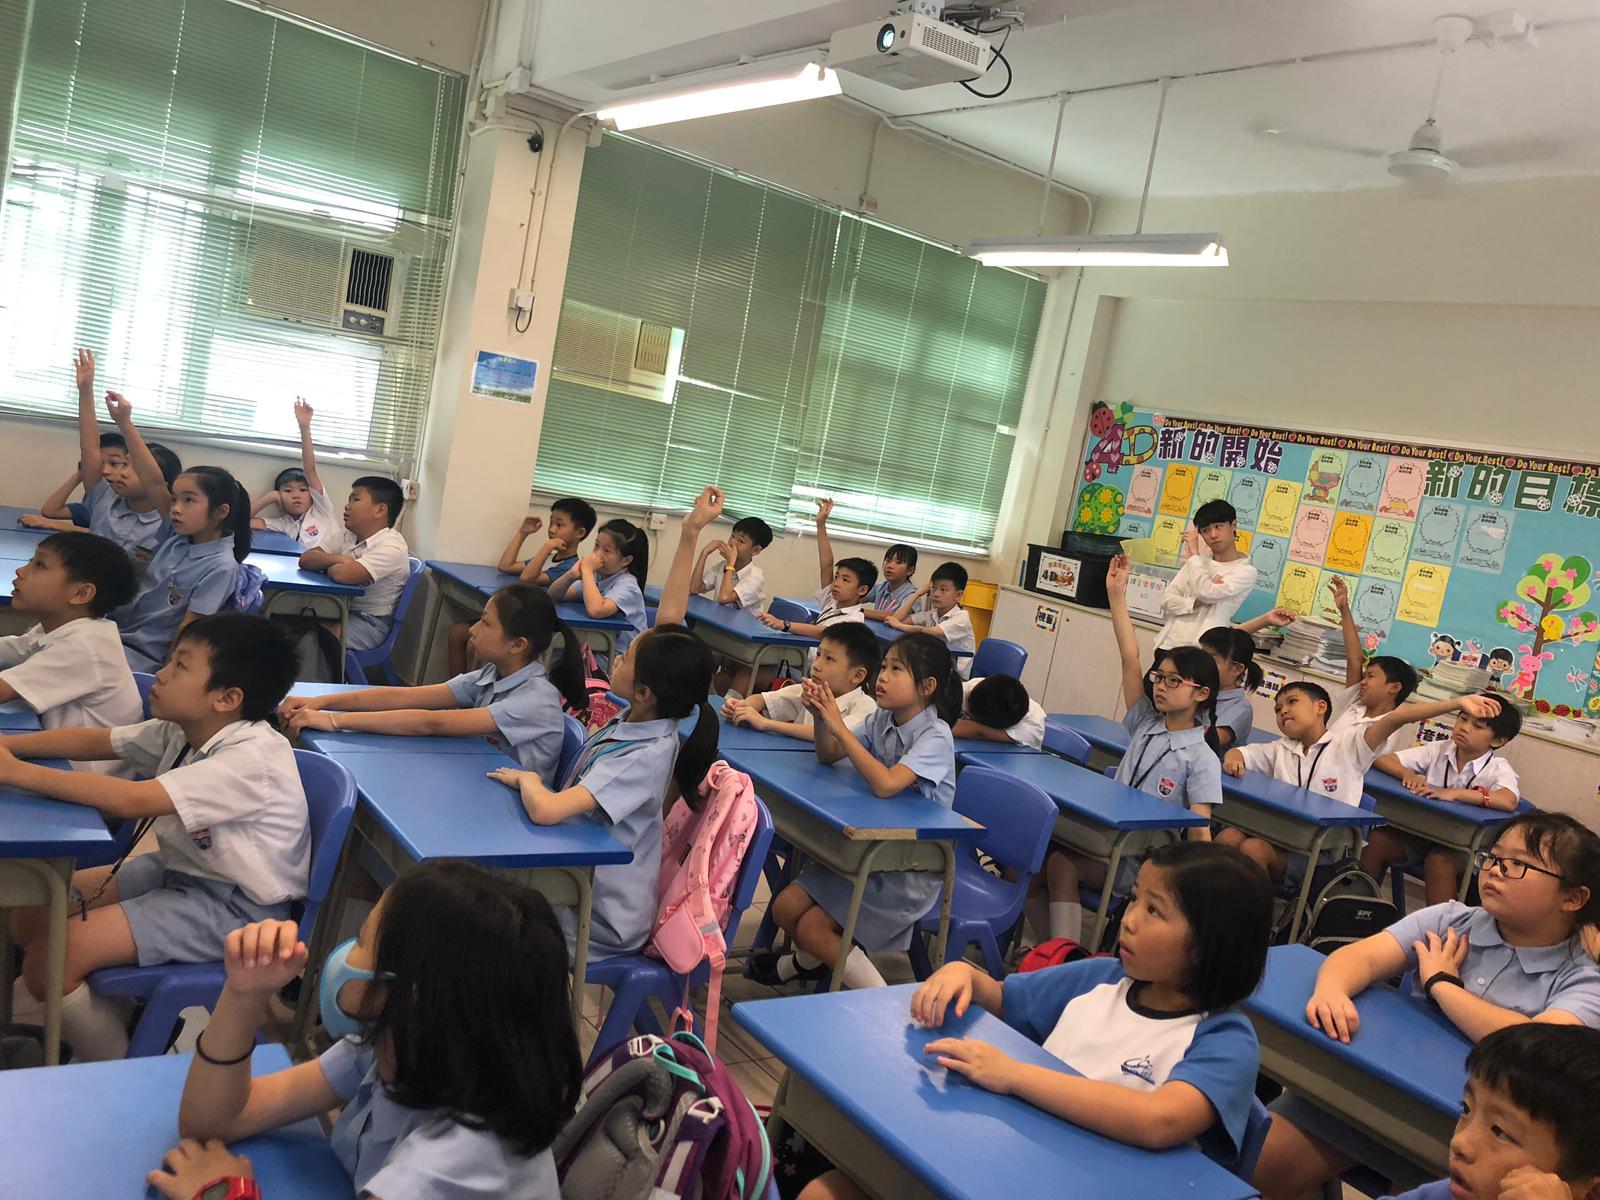 http://www.keiwan.edu.hk/sites/default/files/img-20191005-wa0011.jpg